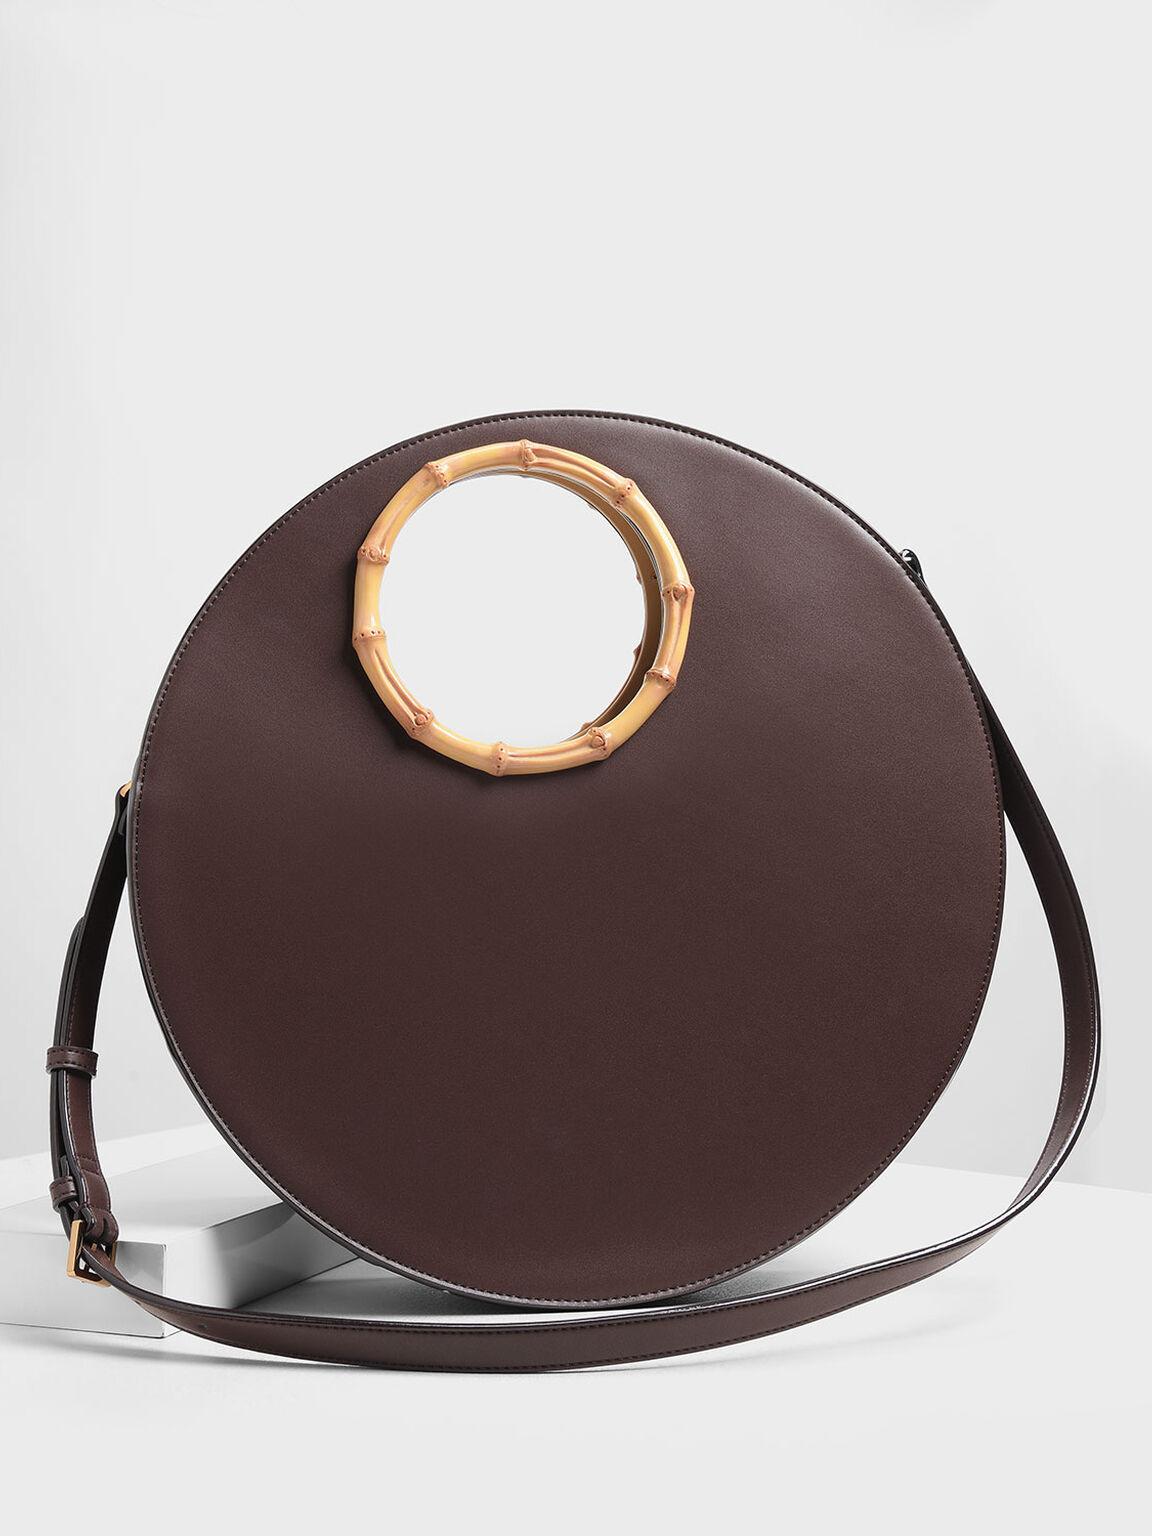 幾何圓型手提包, 咖啡色, hi-res